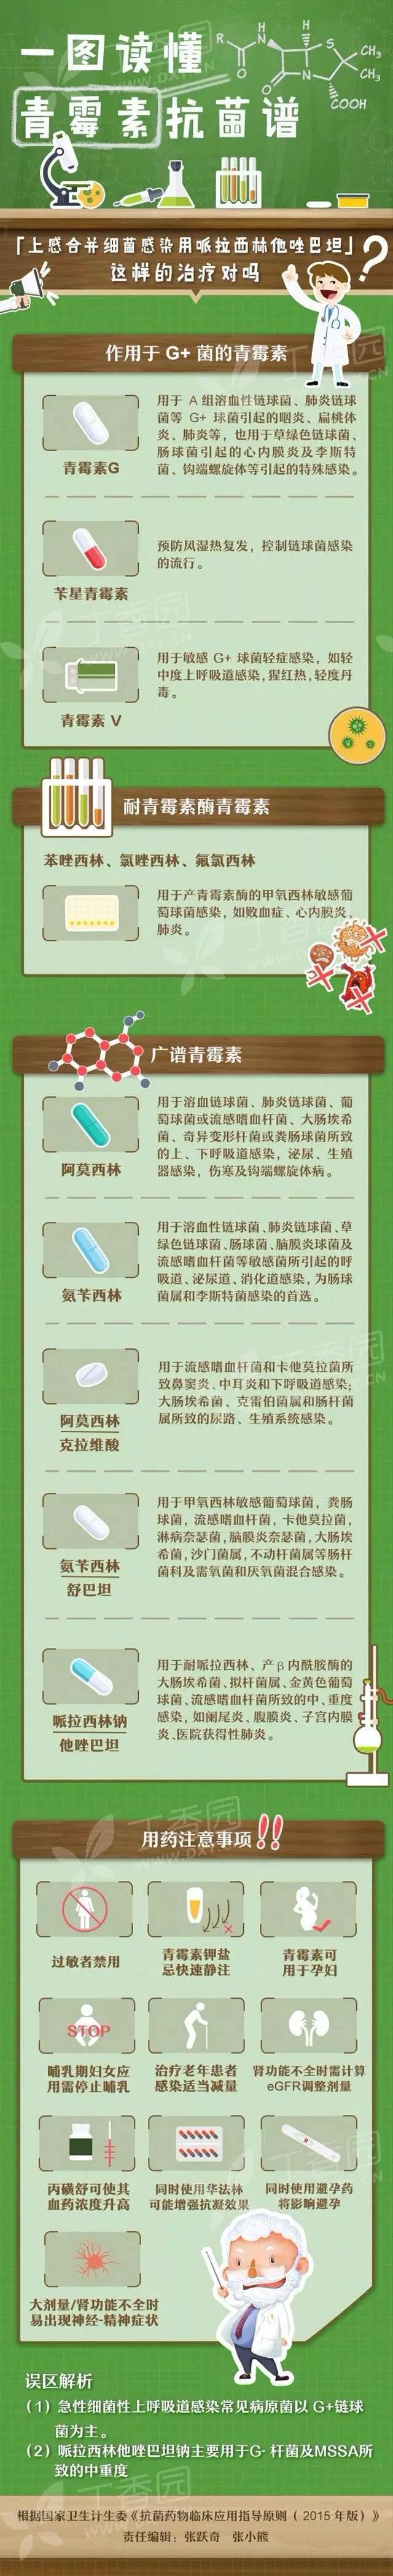 青霉素抗菌谱.png